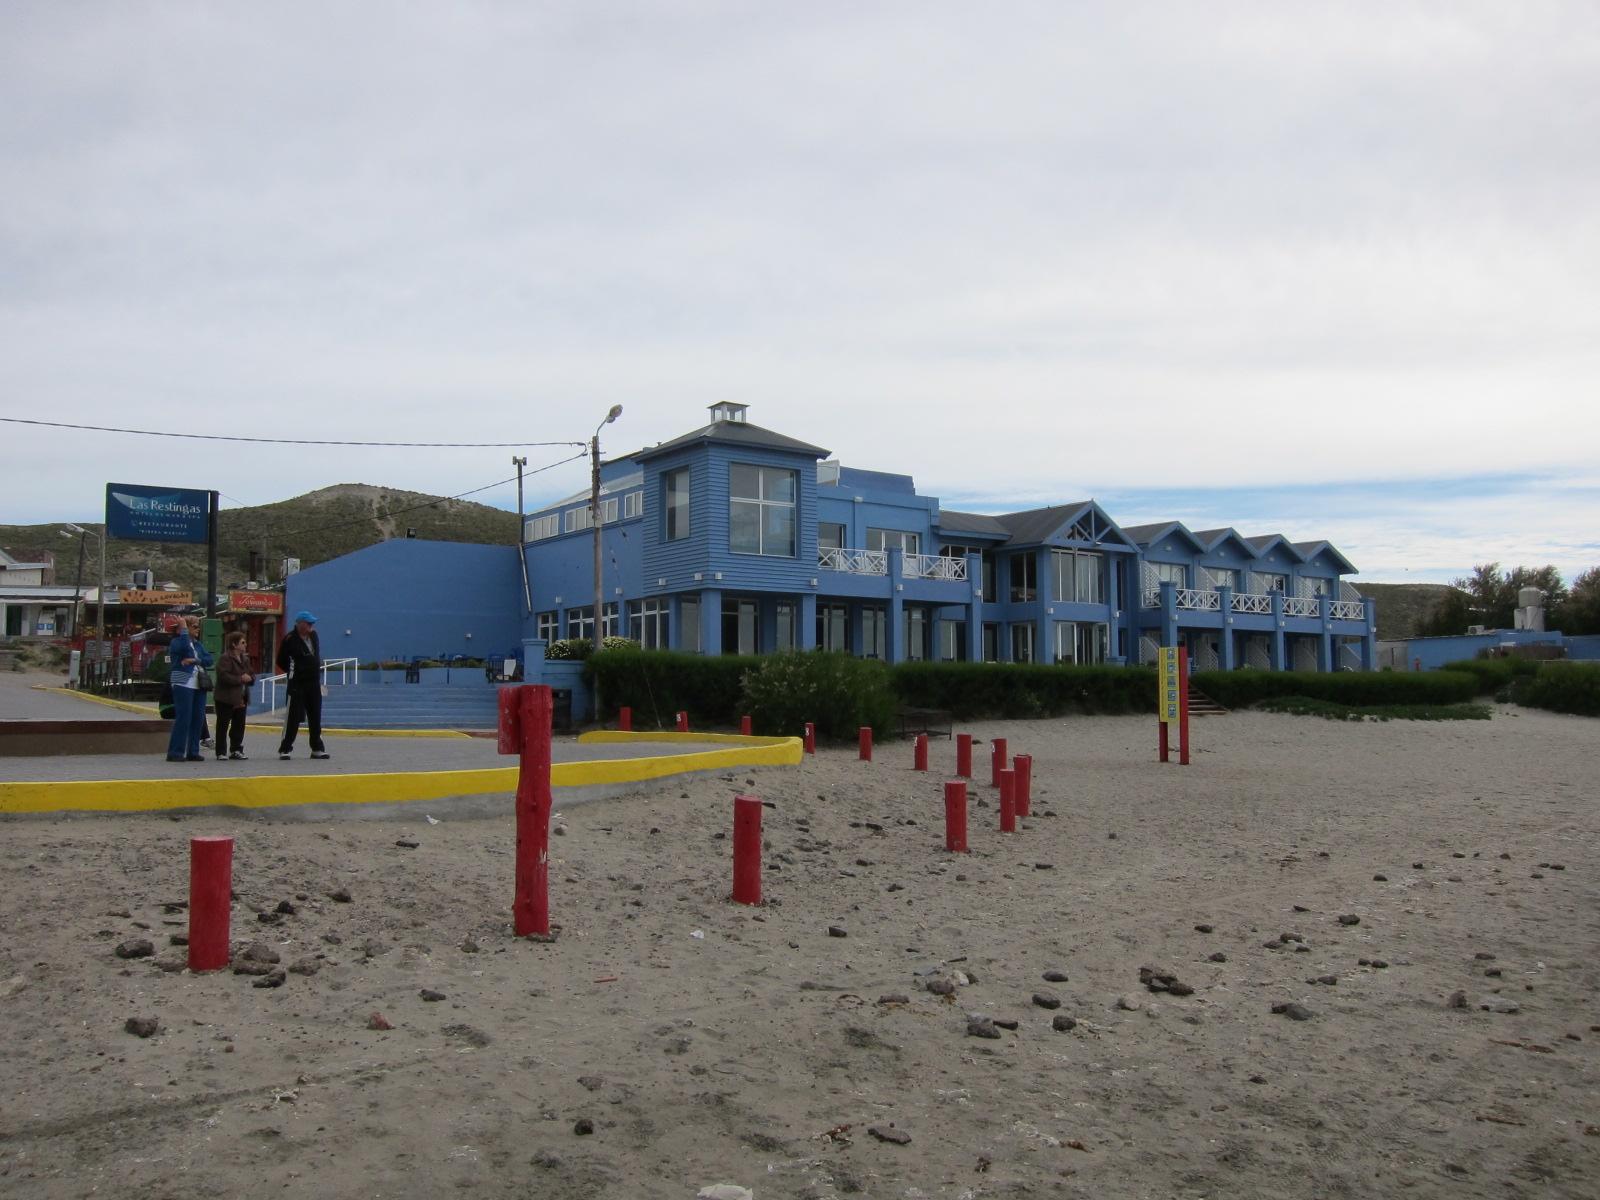 Las Restigas - unser Hotel de Mar (das ist auch das WLAN-Passwort!)